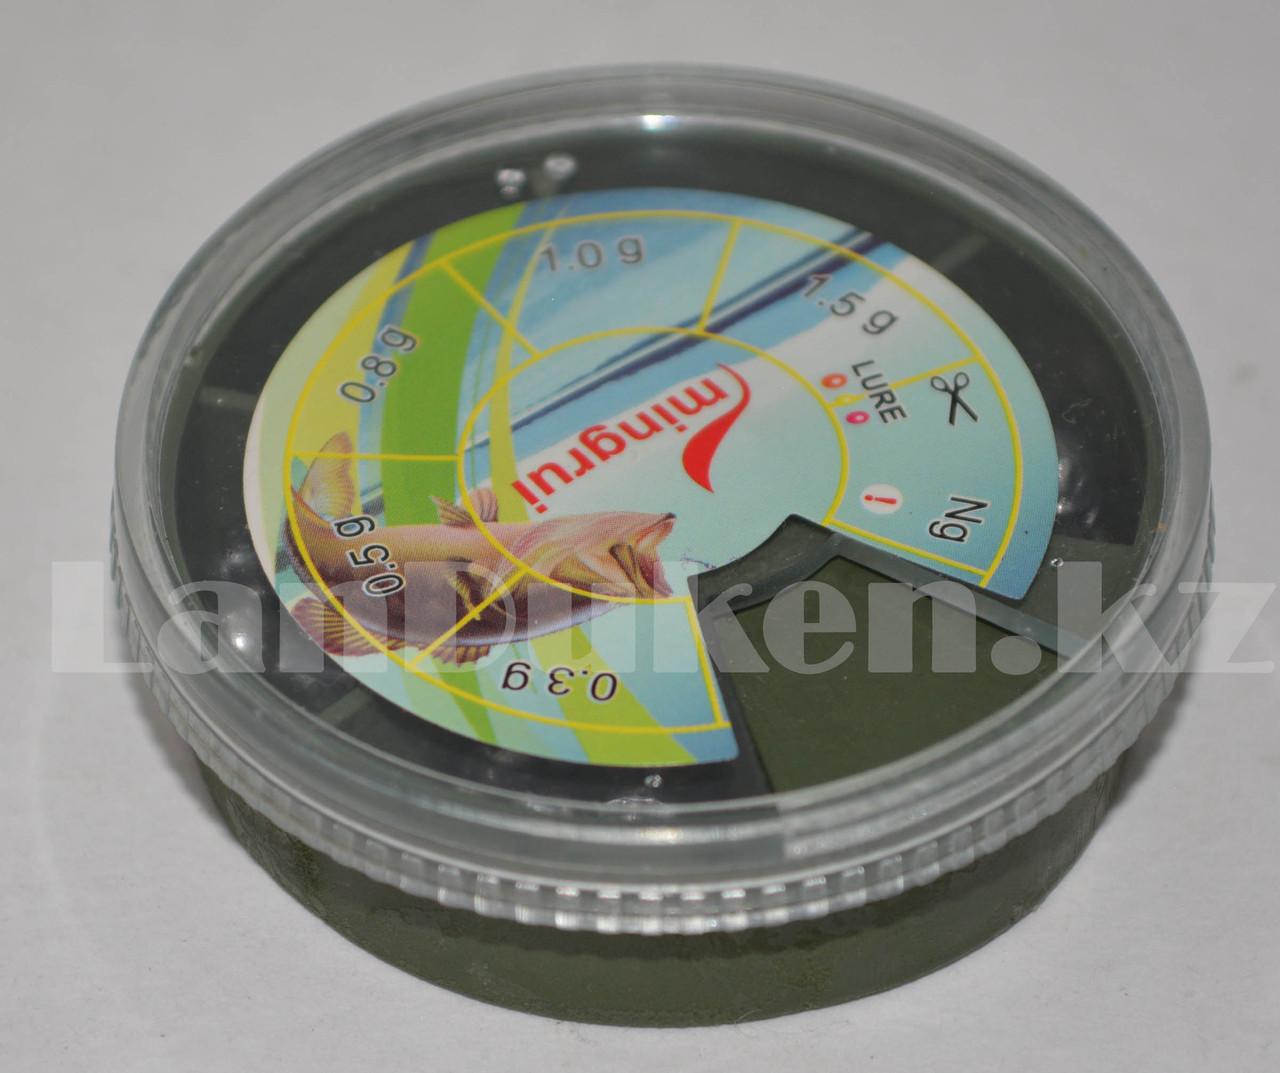 Набор грузил дробинок для рыбалки 0.3 - 1.5 г Mingrui - фото 3